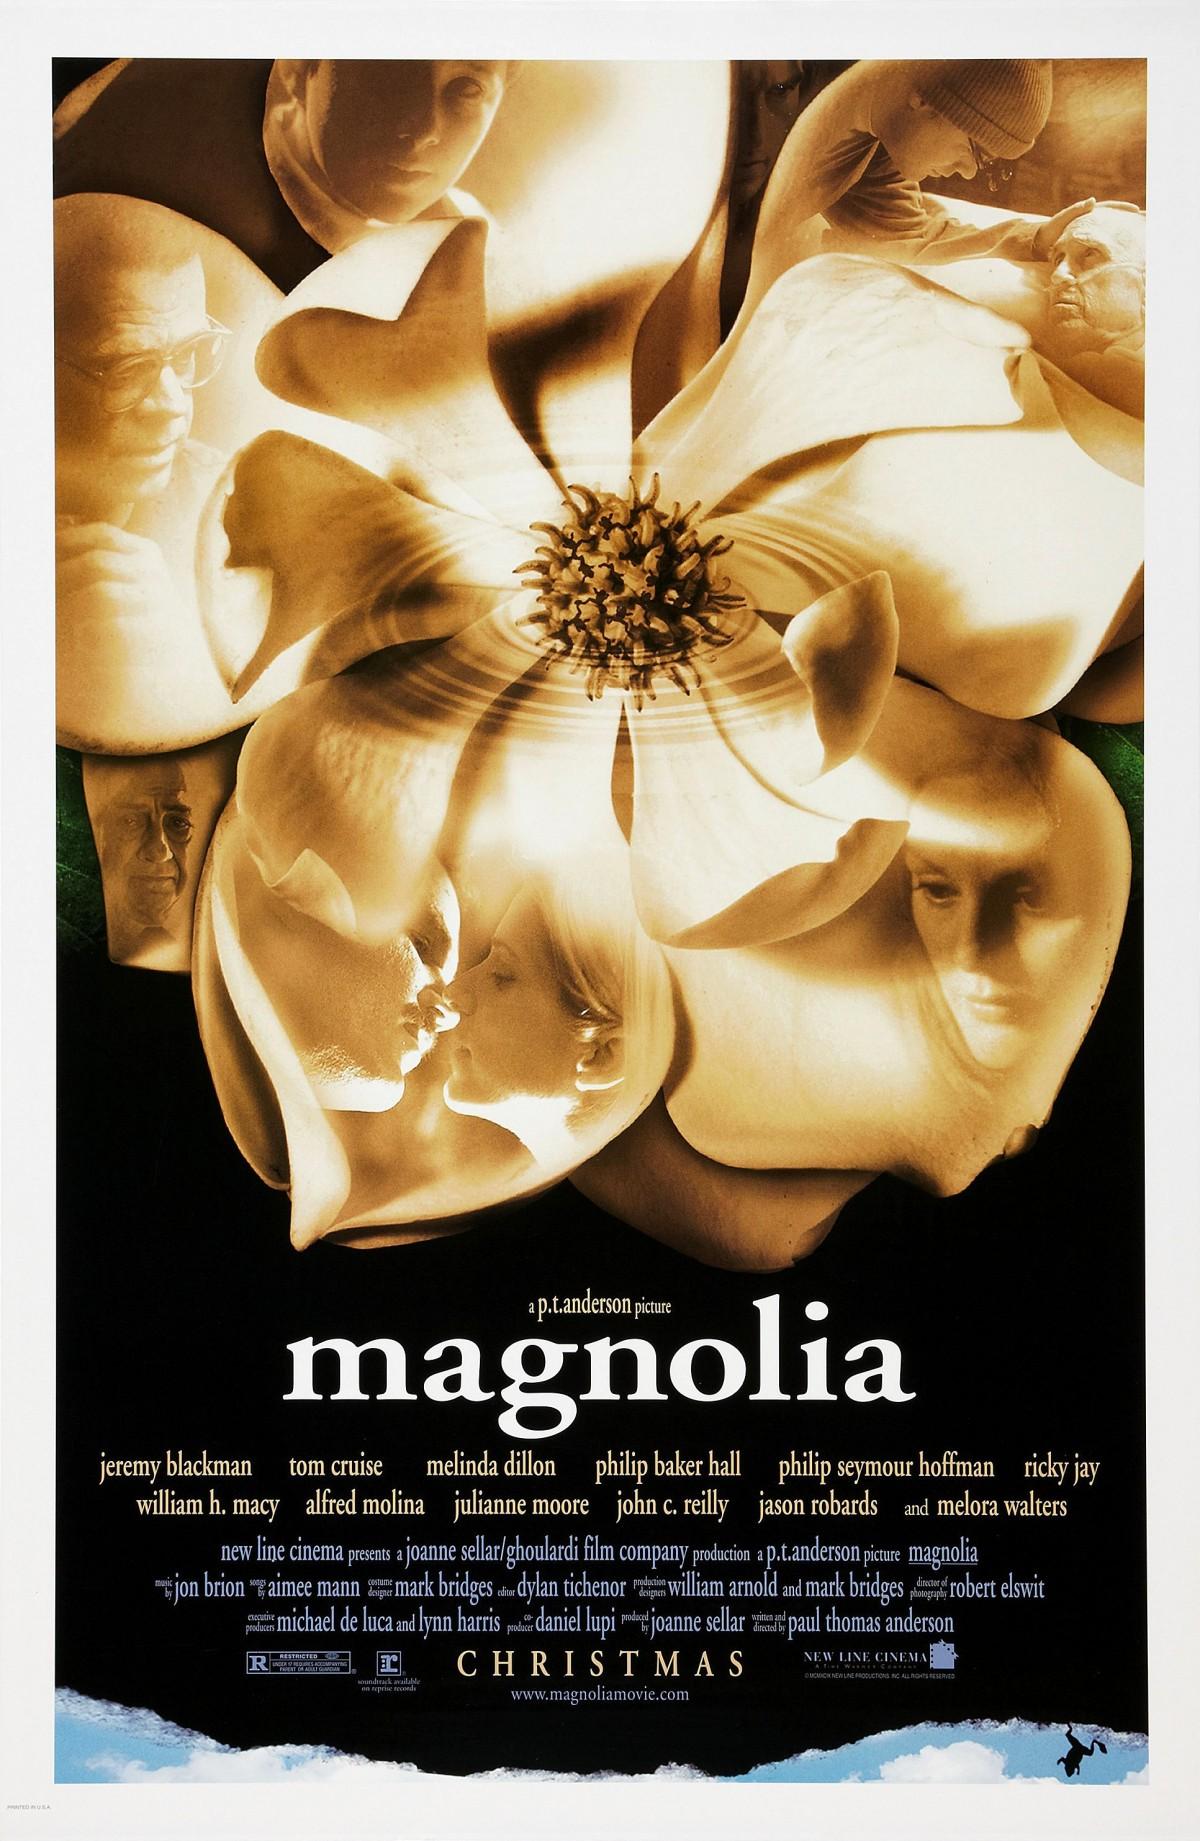 67. Magnolia (1999)